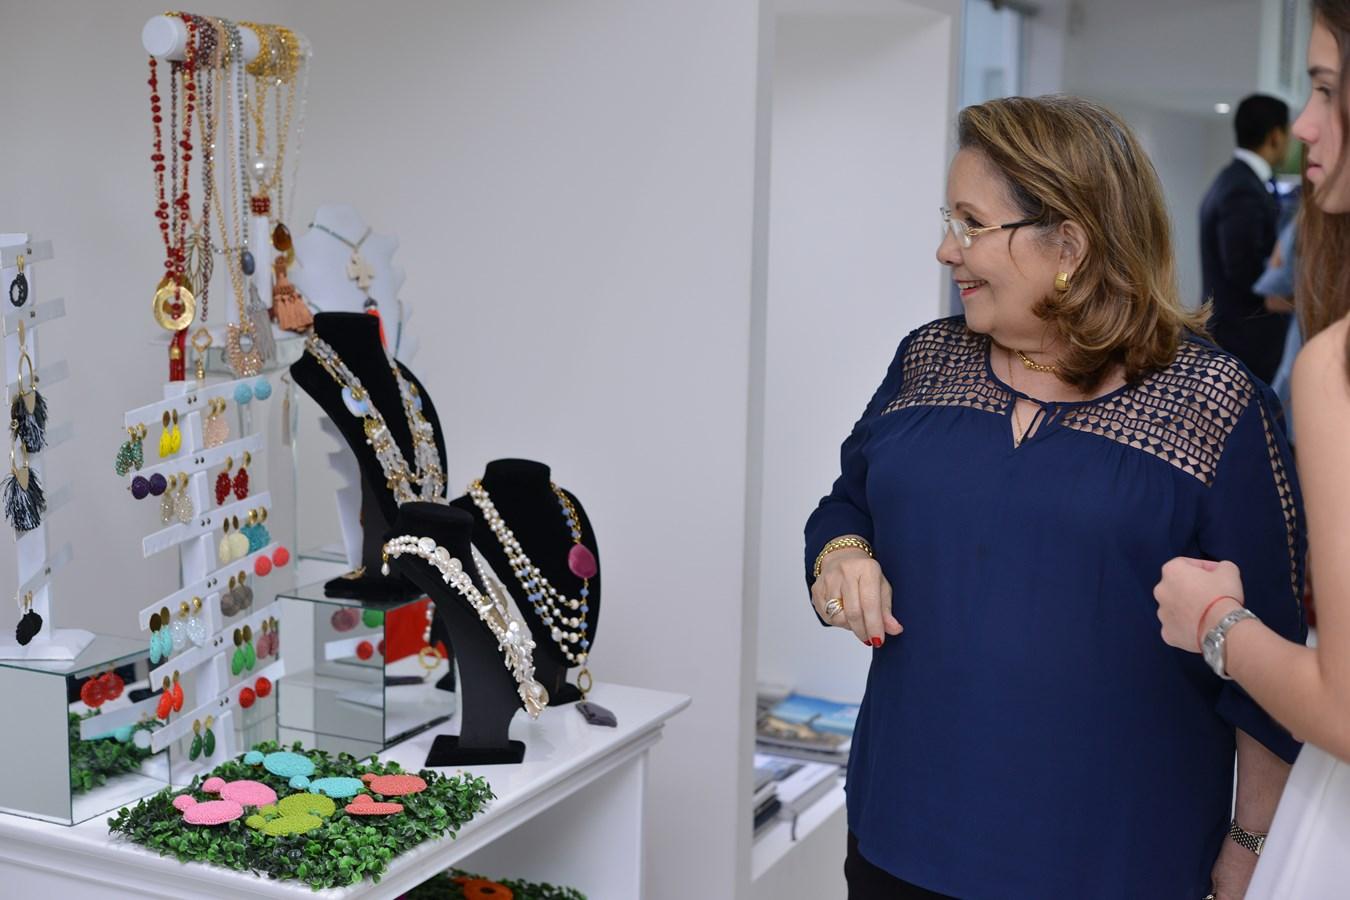 La Señora Lidia de Nouel observando los accesorios